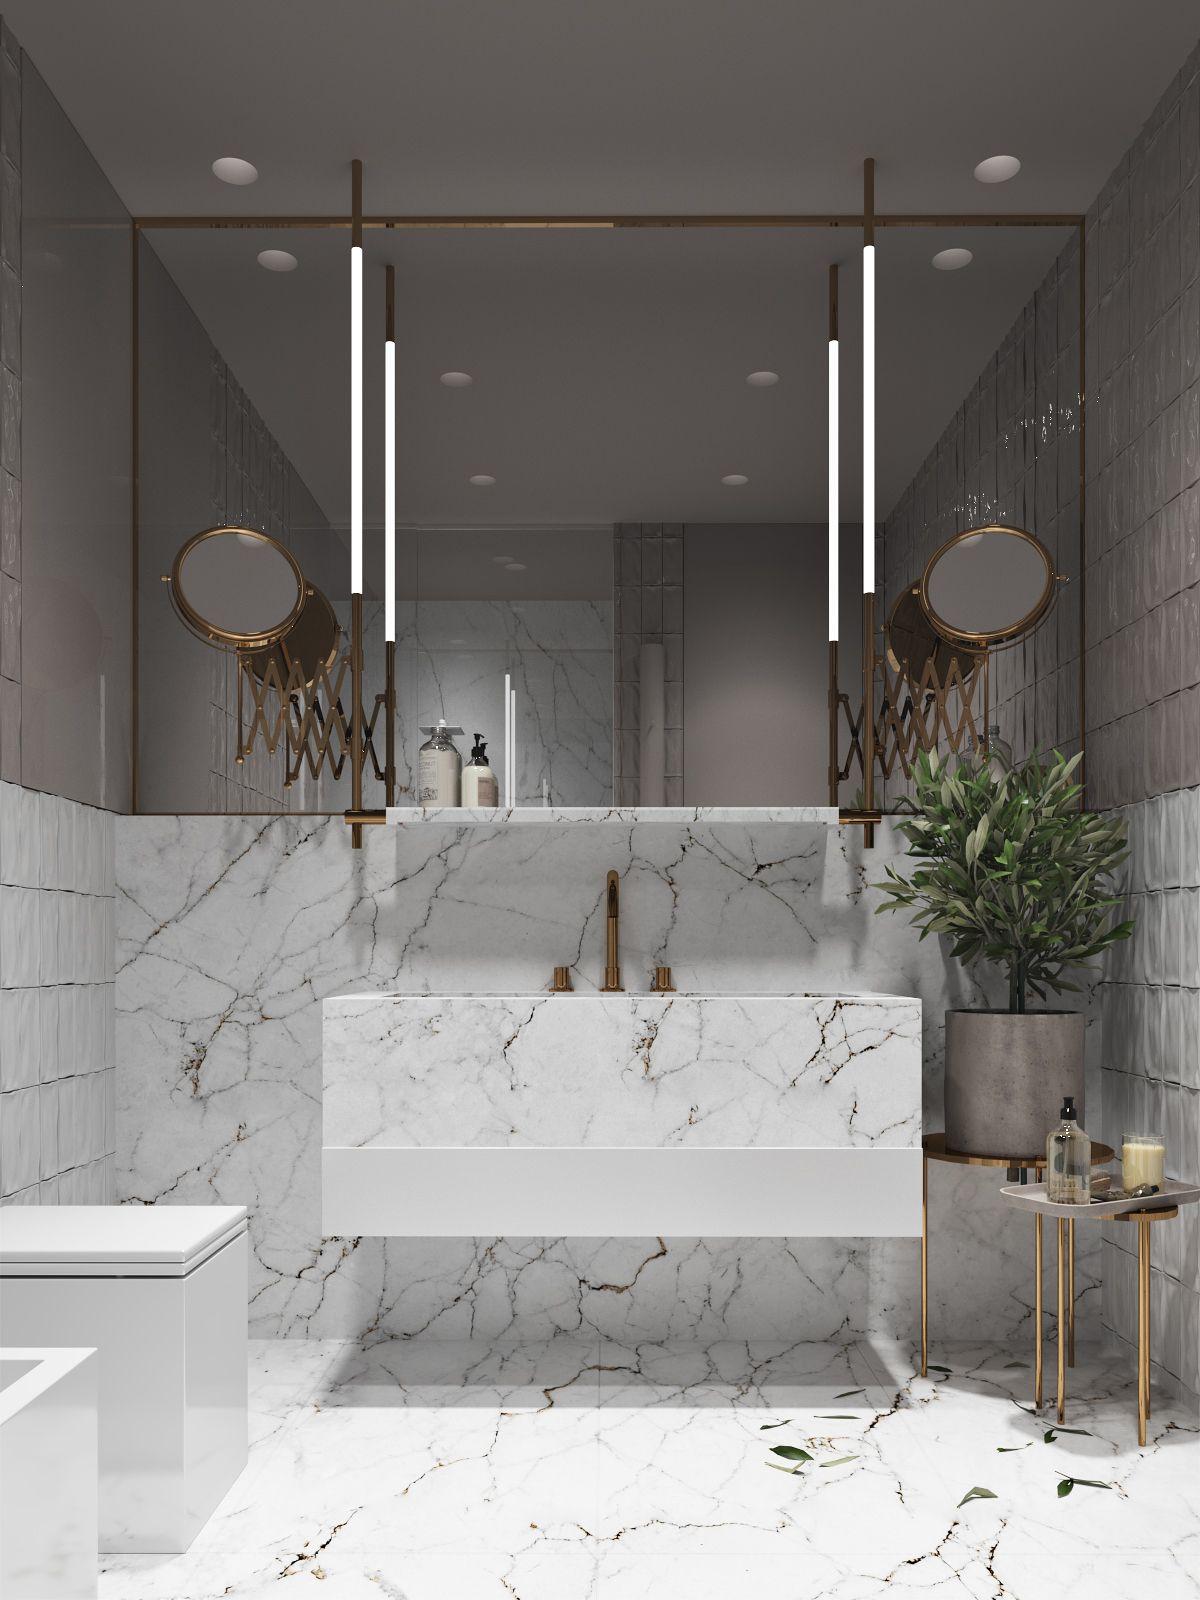 Using Gold Accents In Interior Design Bathroom Interior